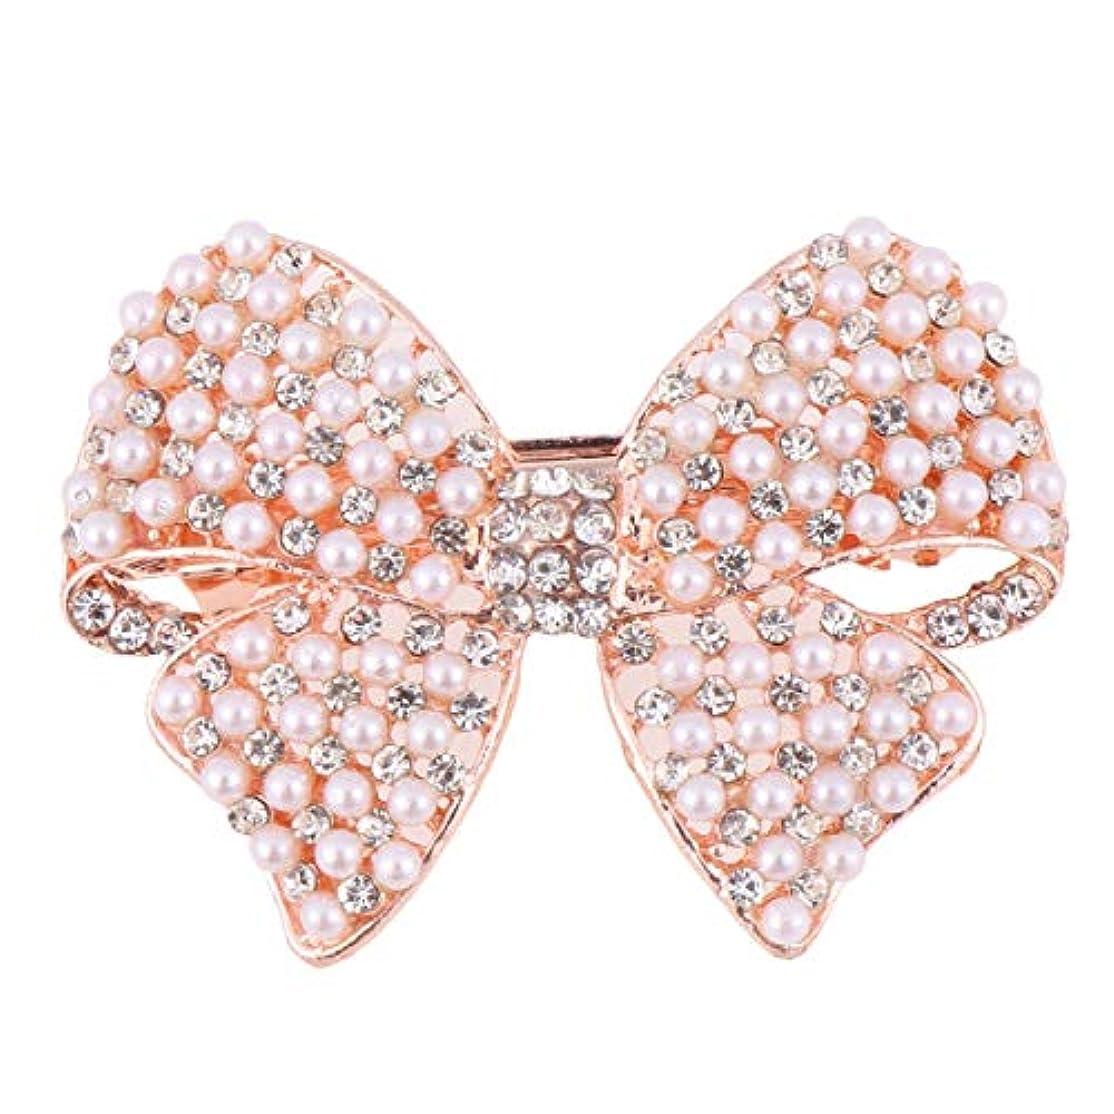 寄生虫の慈悲で万一に備えてBeaupretty 女性のための真珠の弓のヘアクリップラインストーンヘアピンヘッドドレスバレッタちょう結び